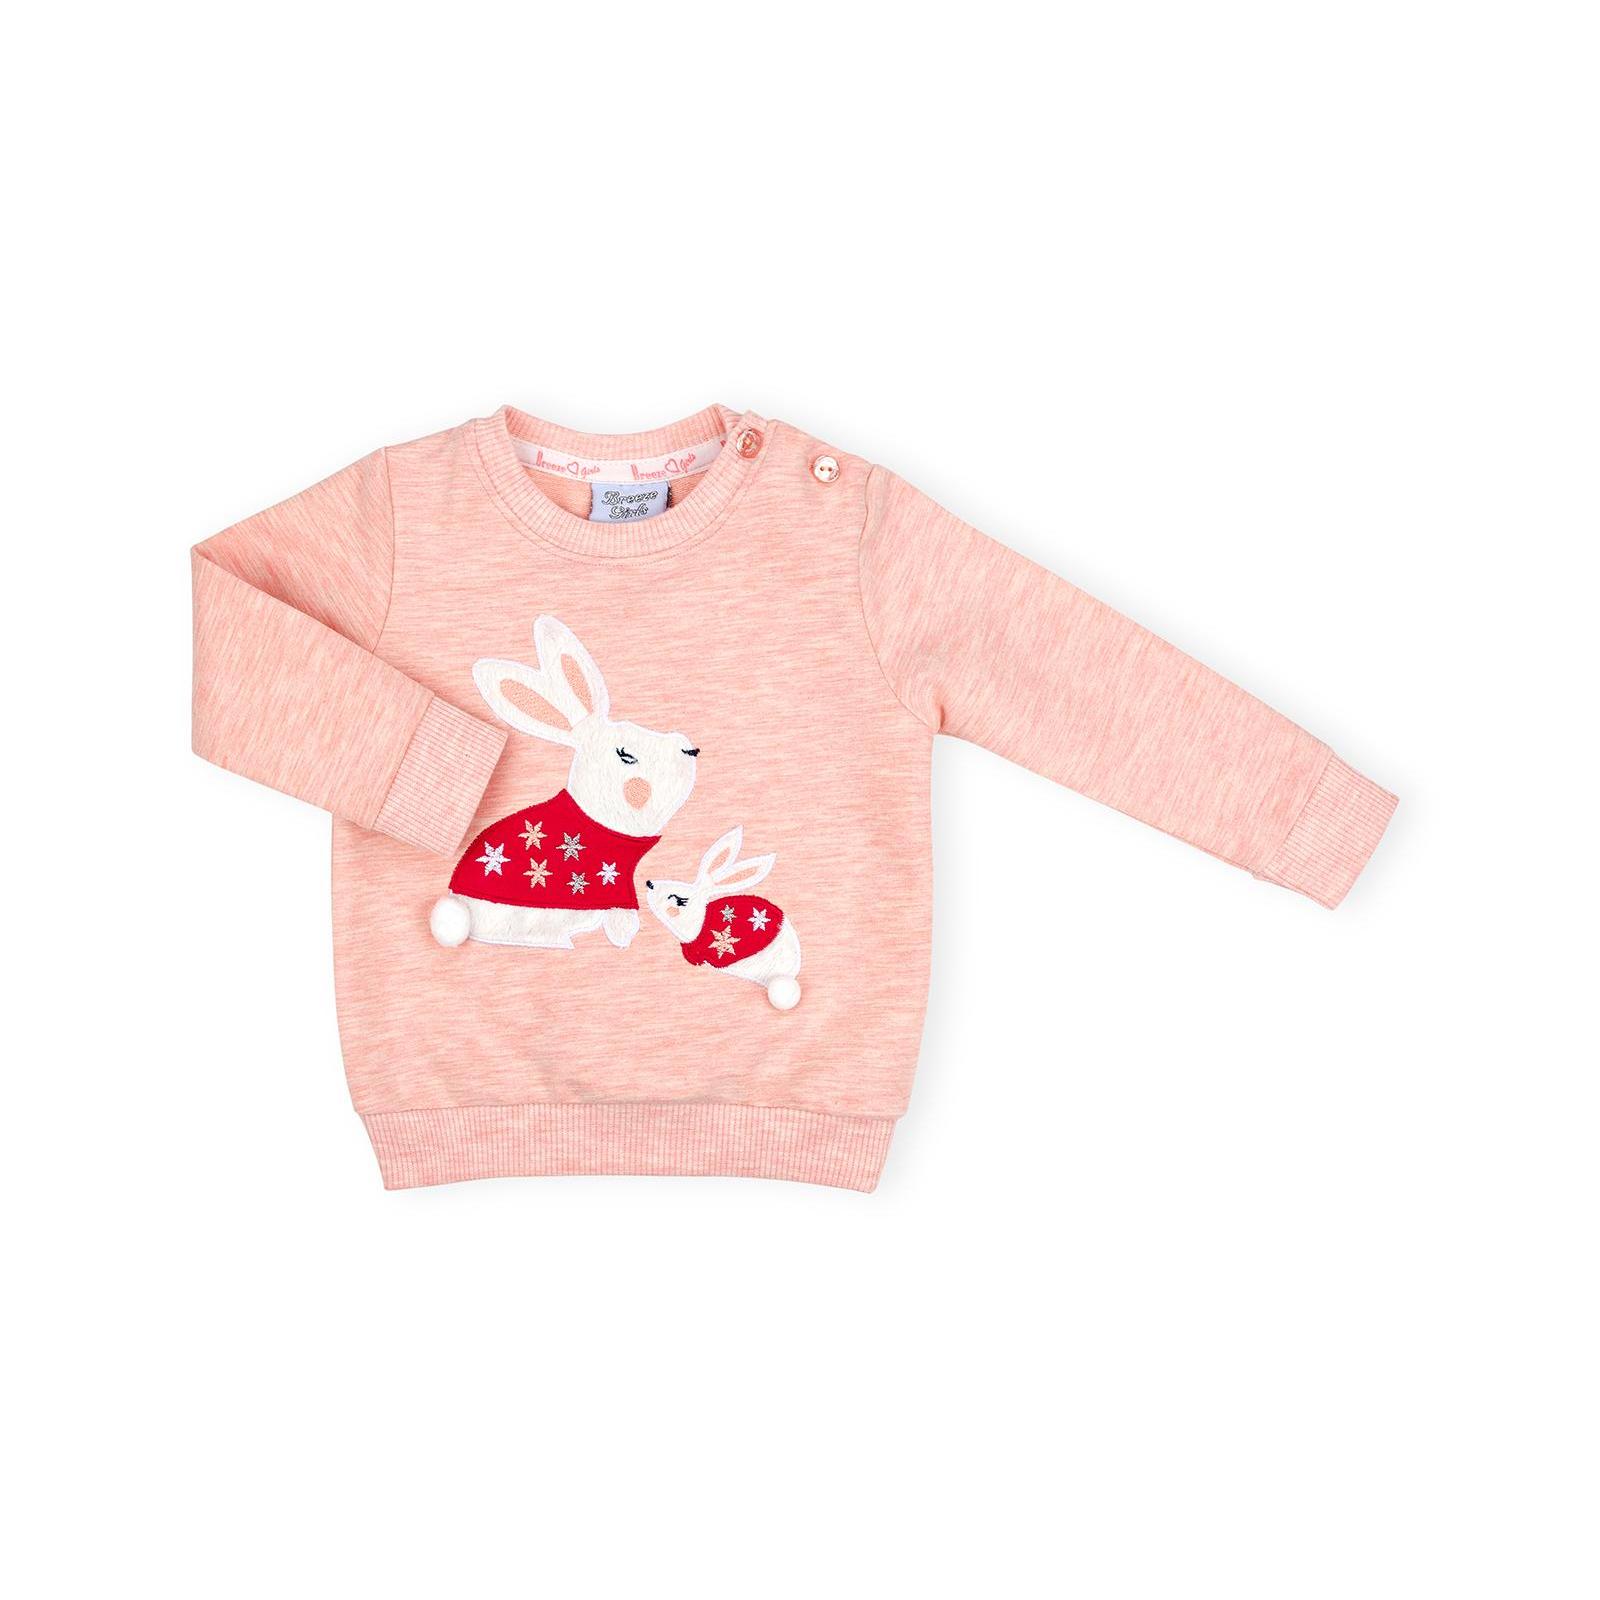 Набор детской одежды Breeze с зайчиками (10214-80G-peach) изображение 2